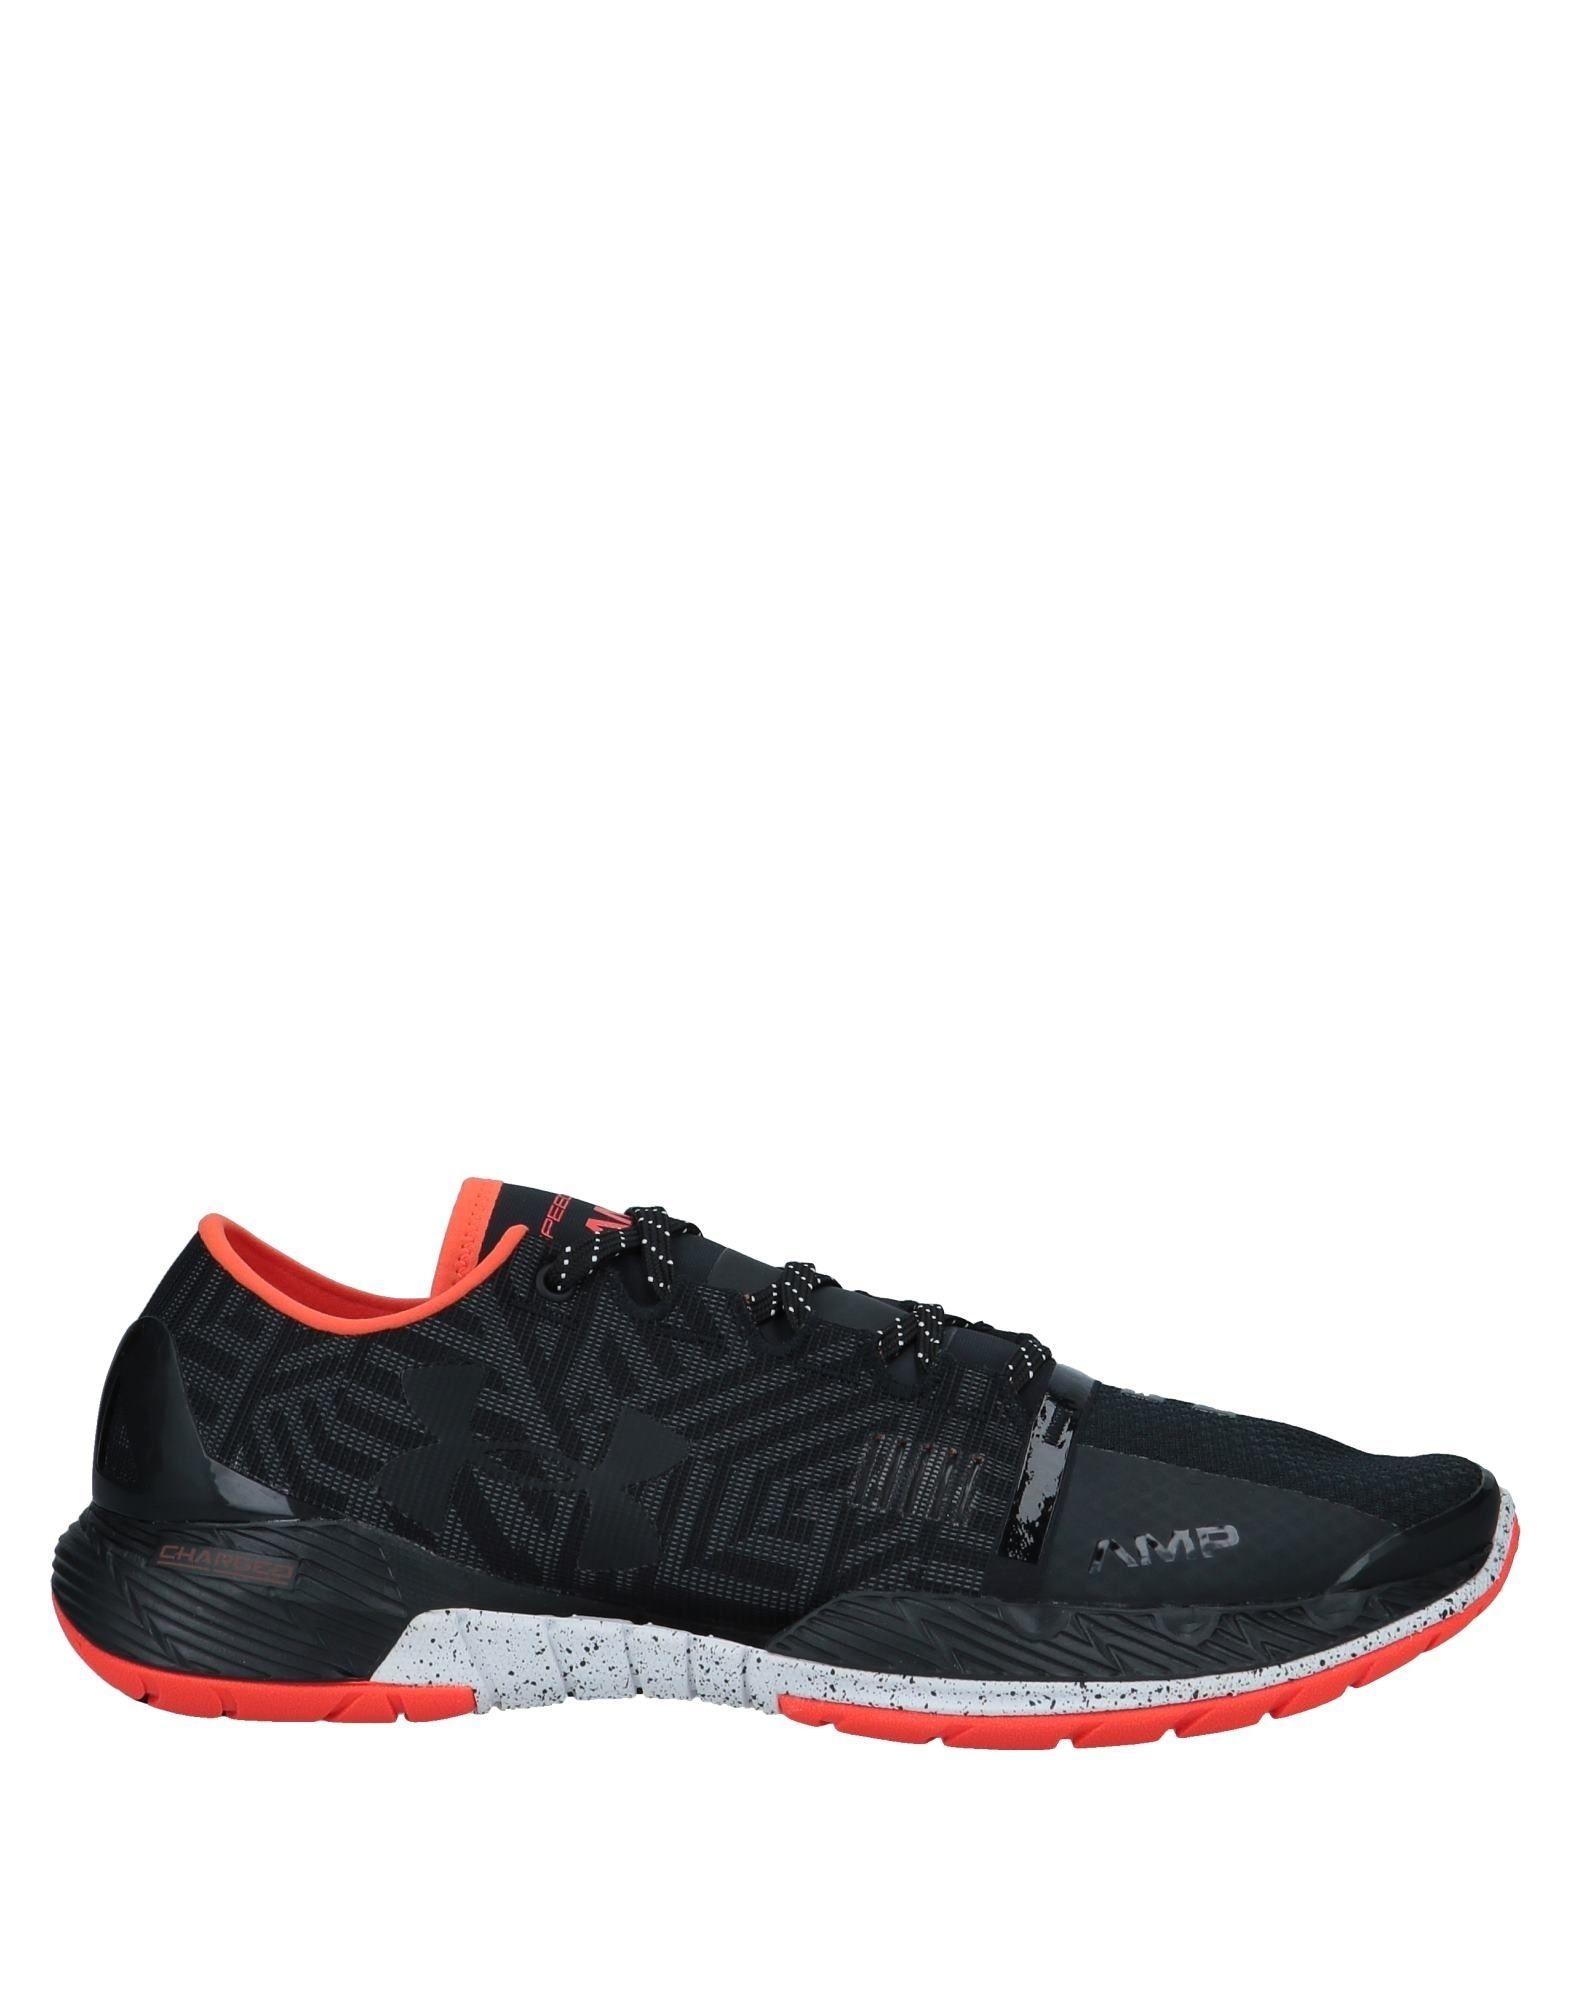 《送料無料》UNDER ARMOUR メンズ スニーカー&テニスシューズ(ローカット) ブラック 8 紡績繊維